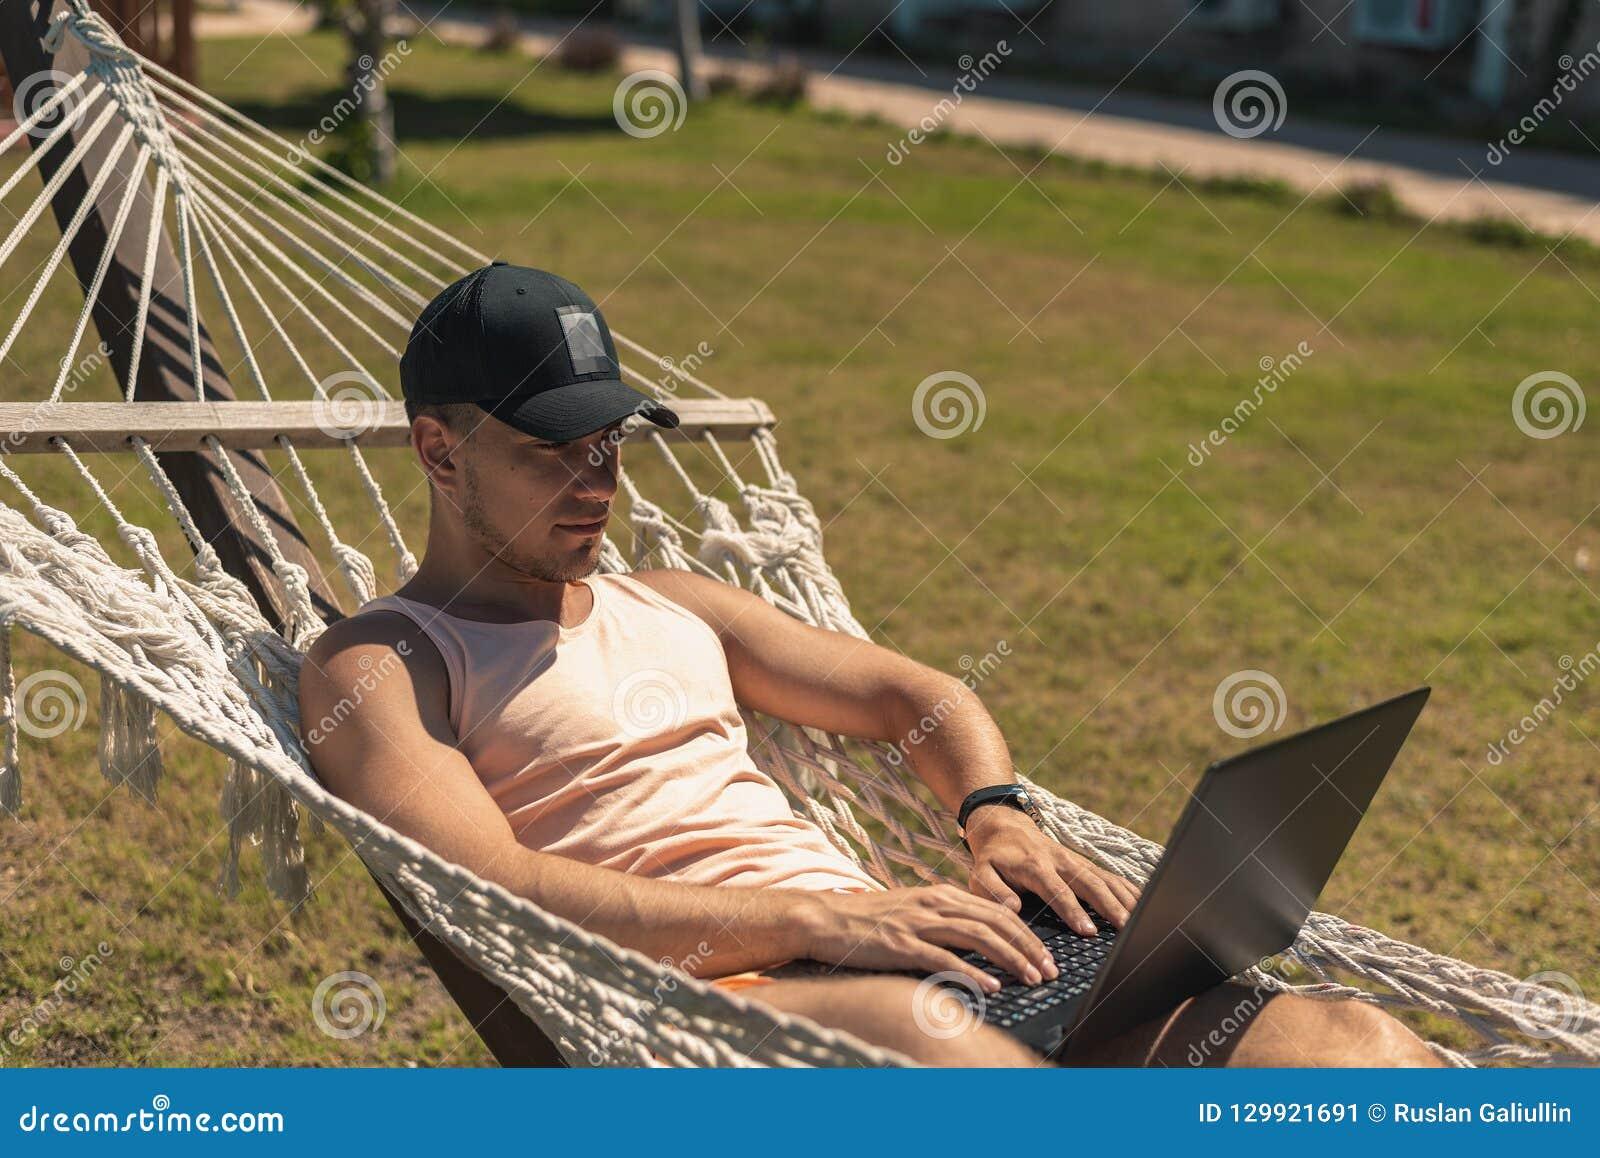 De kerel ligt in een hangmat met online laptop, mededeling, het werk, freelance, sociale netwerken, inkomens